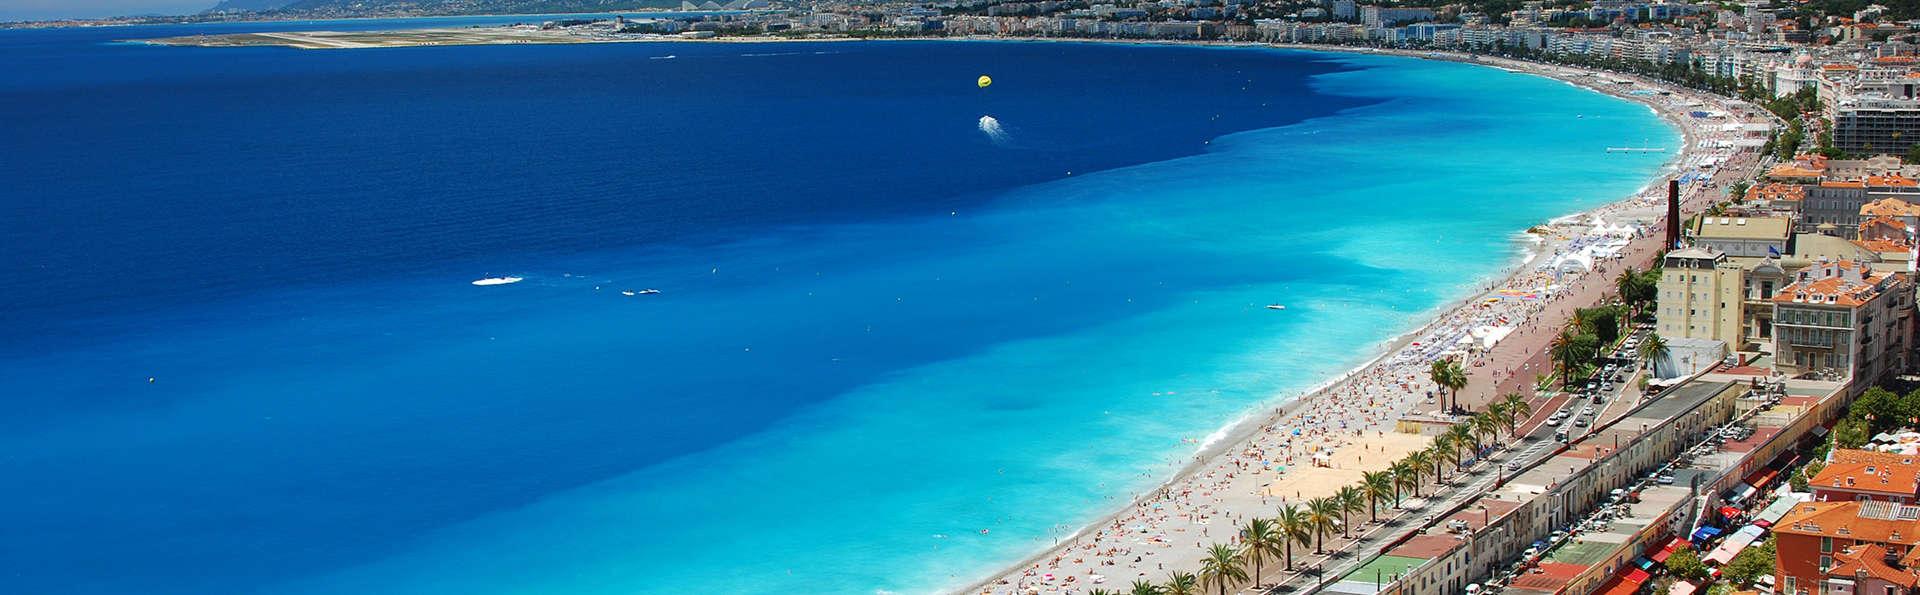 Week-end au coeur de Nice sur la Promenade des Anglais